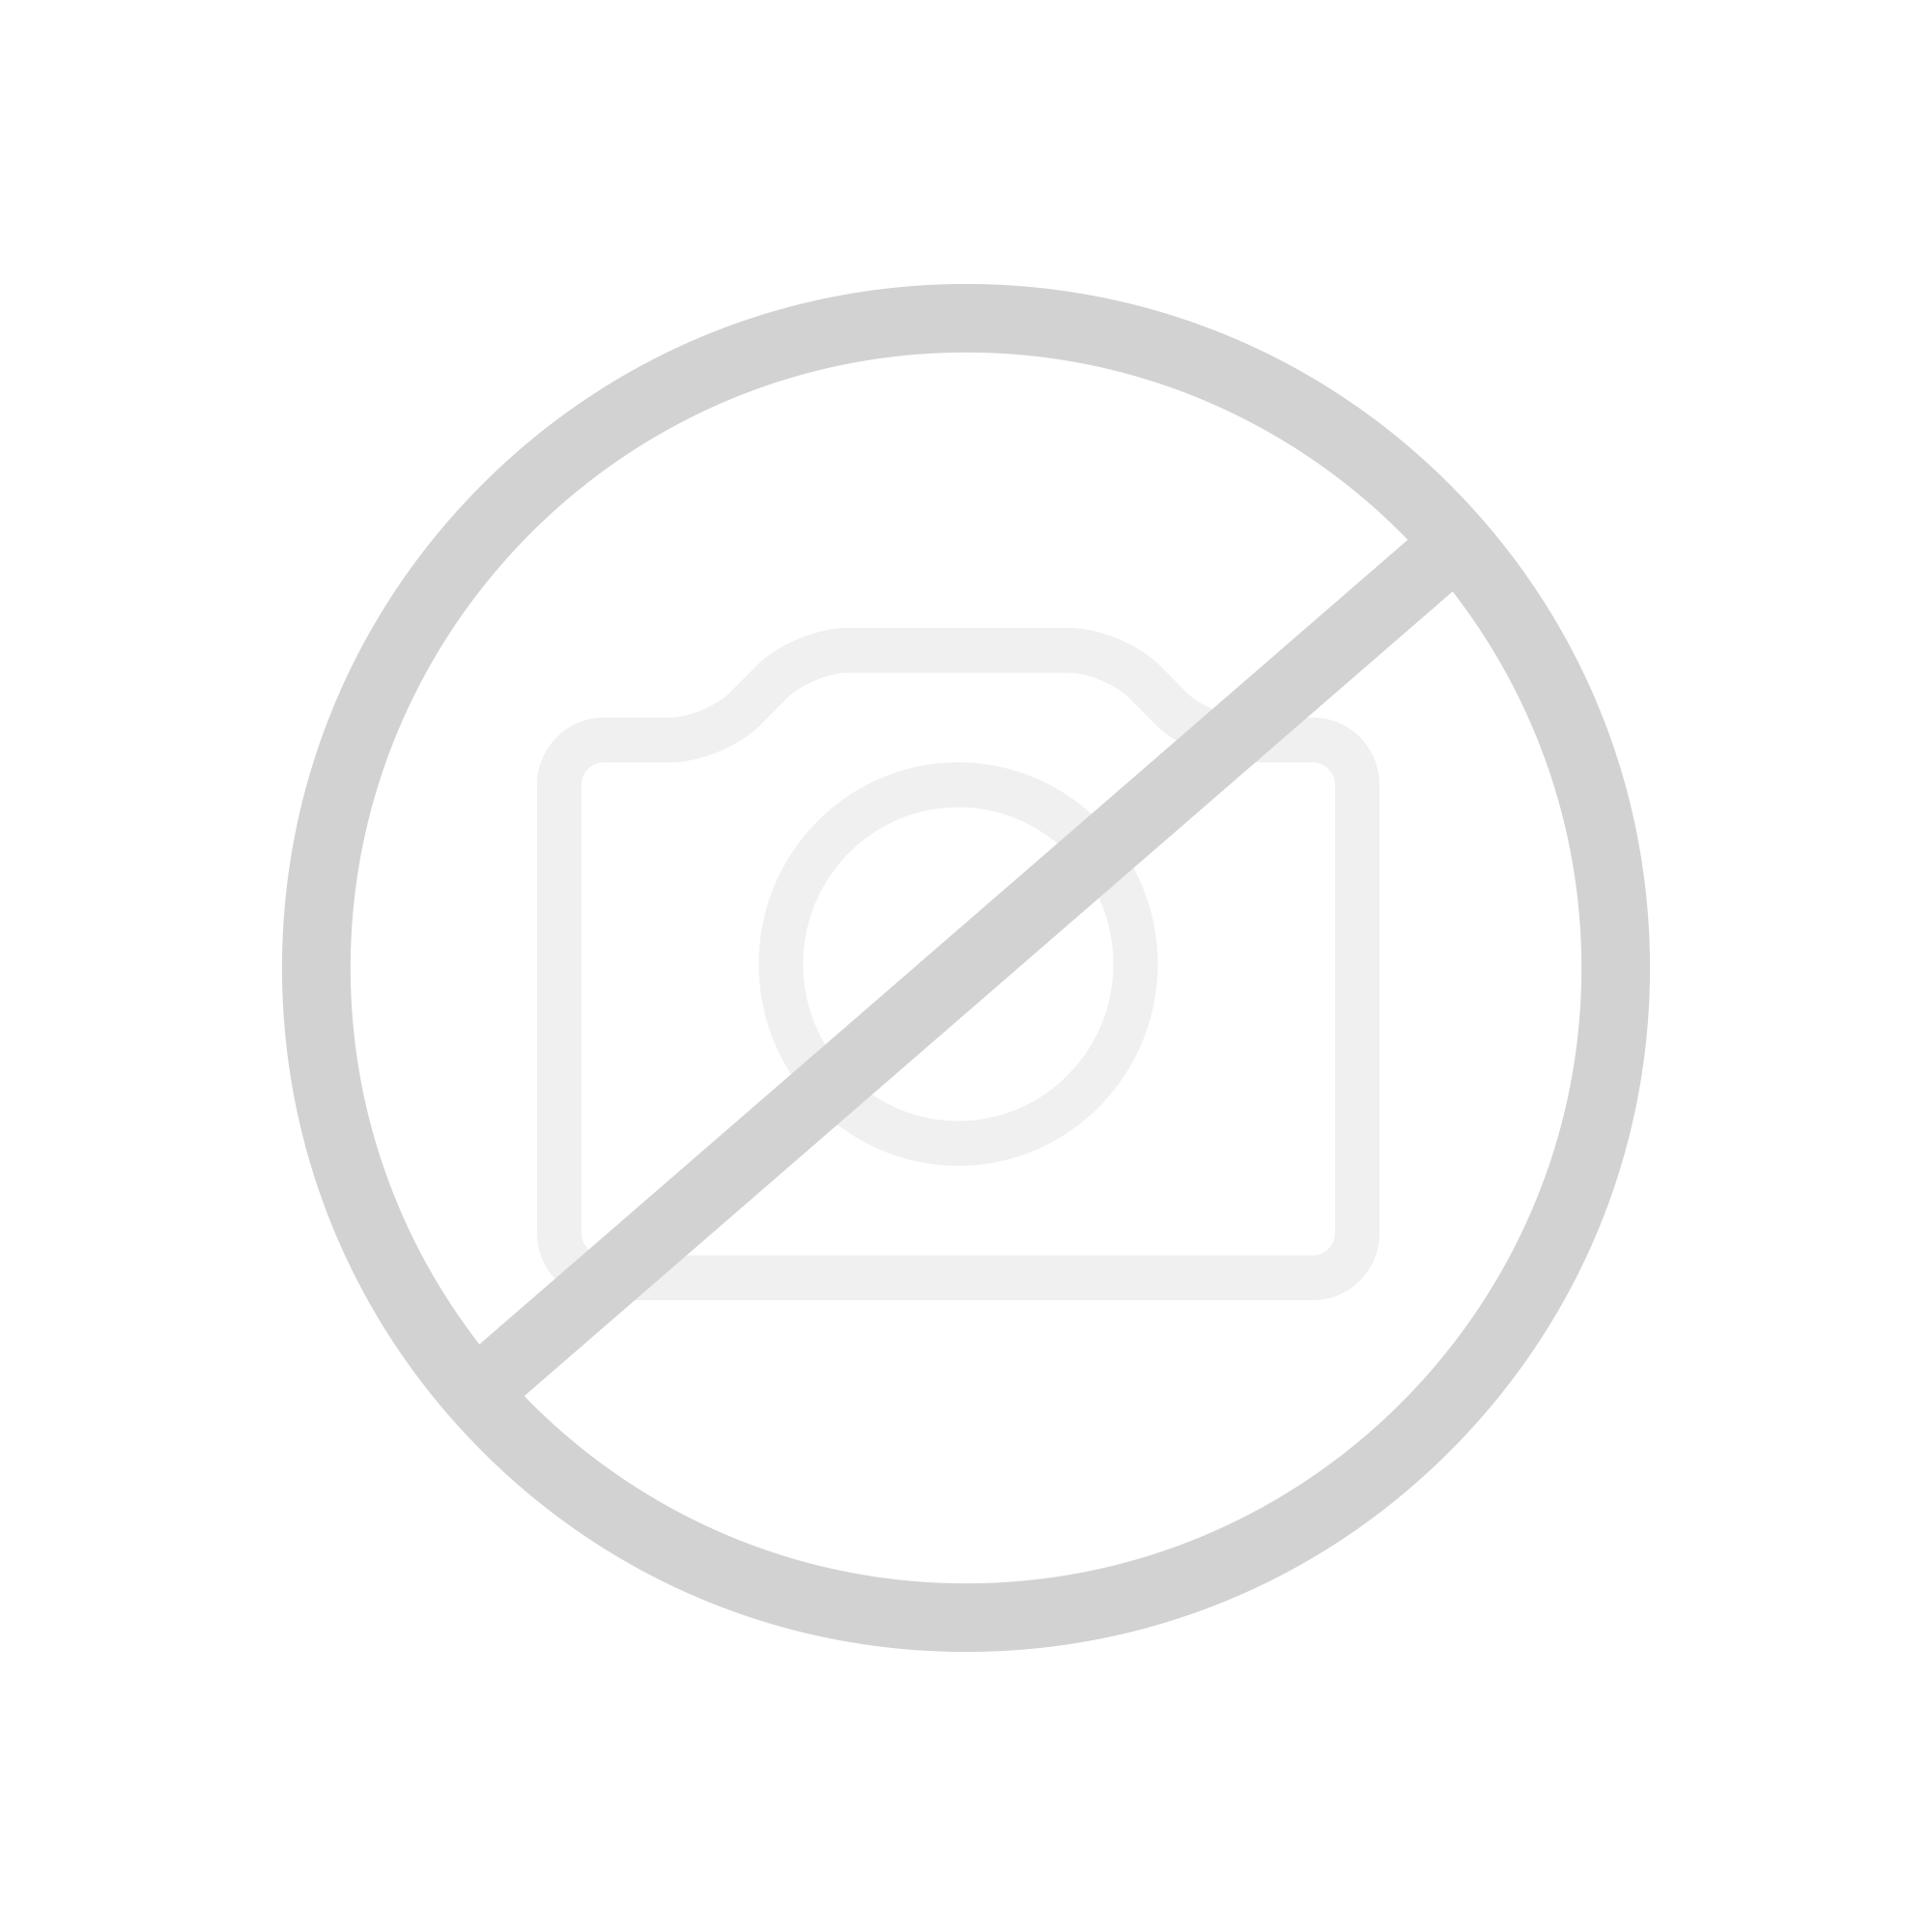 Kaldewei Dezent Opulenz Avantgarde Kollektion Badewannengriff Typ A